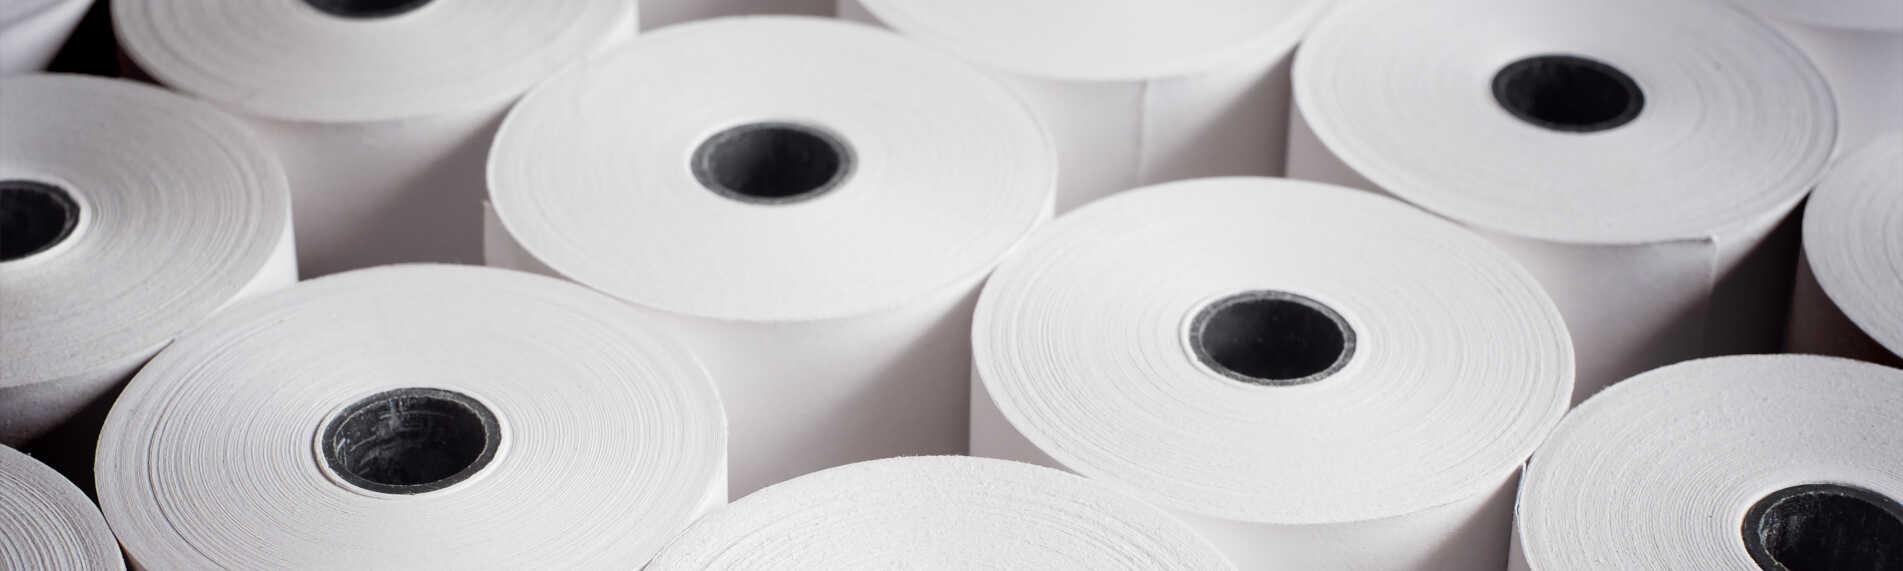 Befuktning och fuktreglering till pappersproduktion och pappershantering